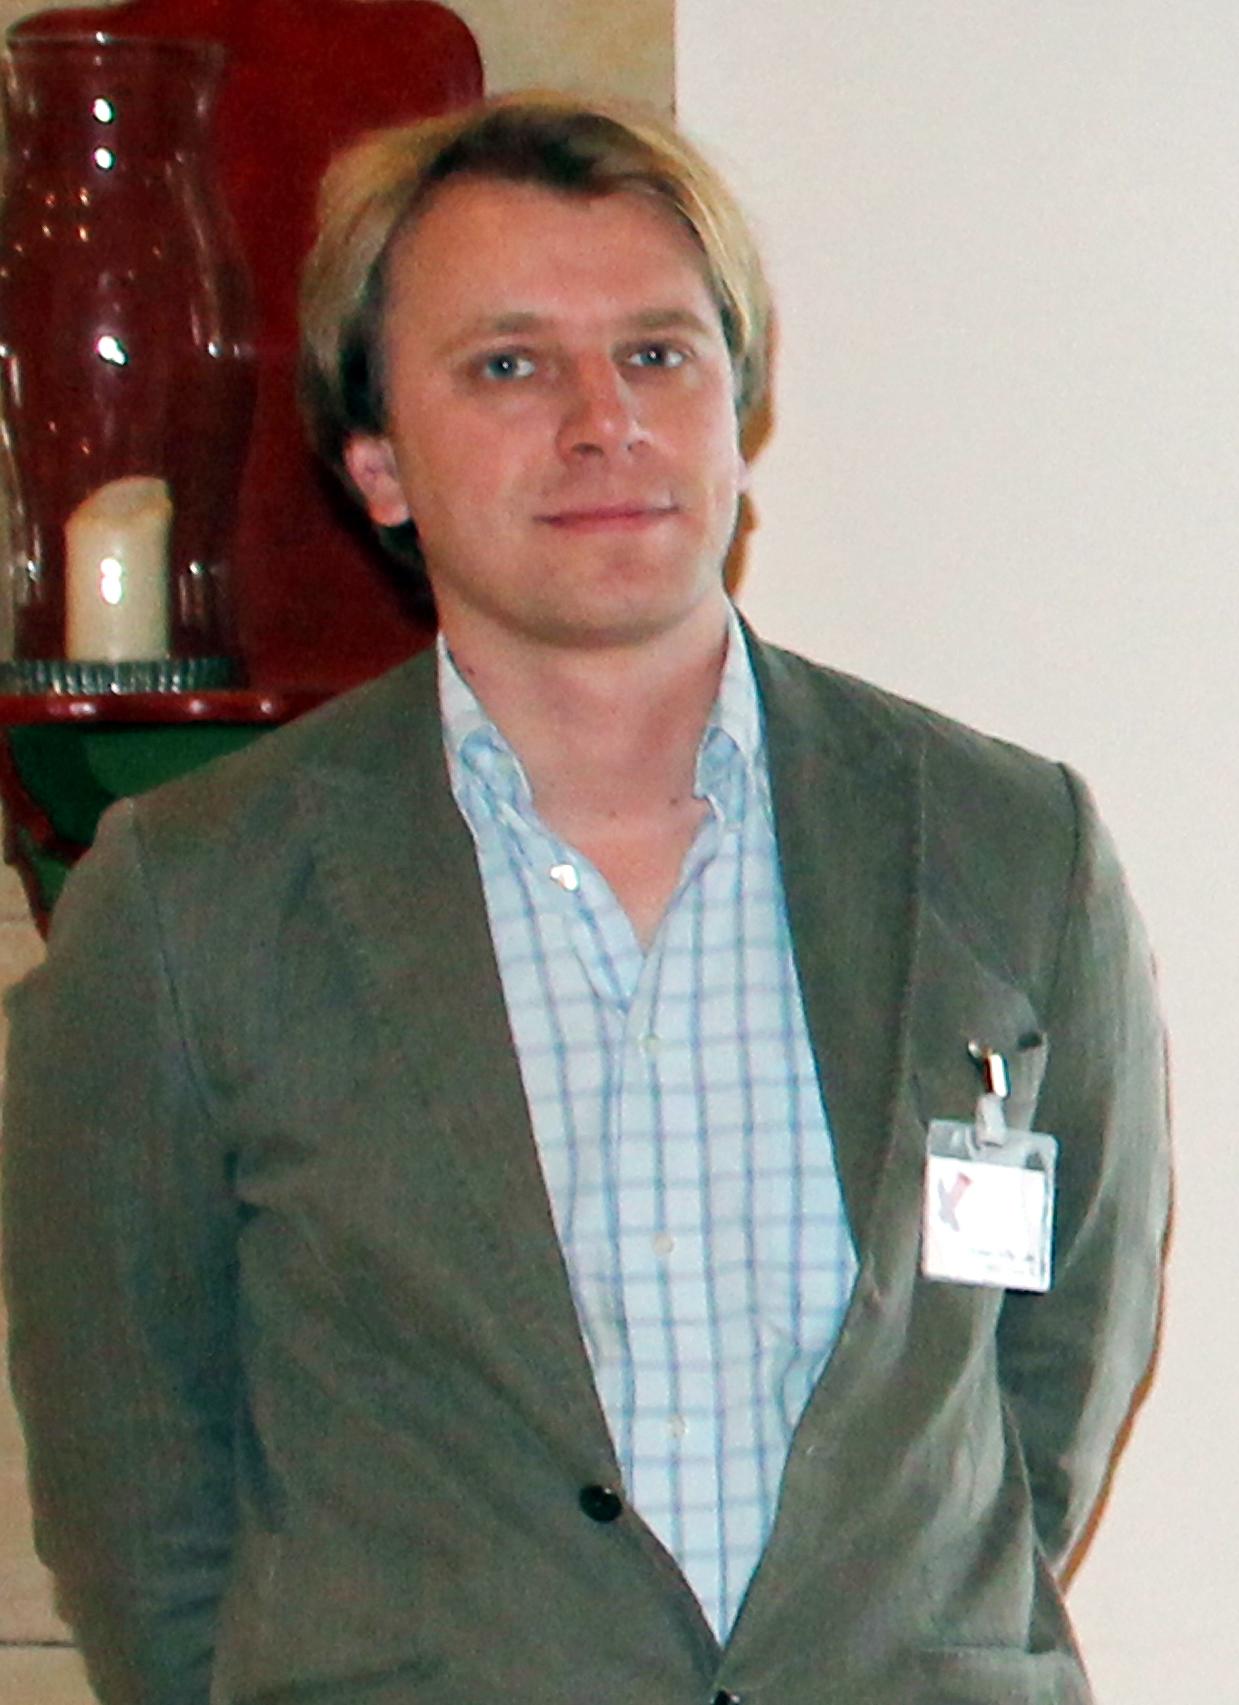 IT-Leiter Johannes Müller-Lahn, Tröber GmbH - B2B Unternehmen